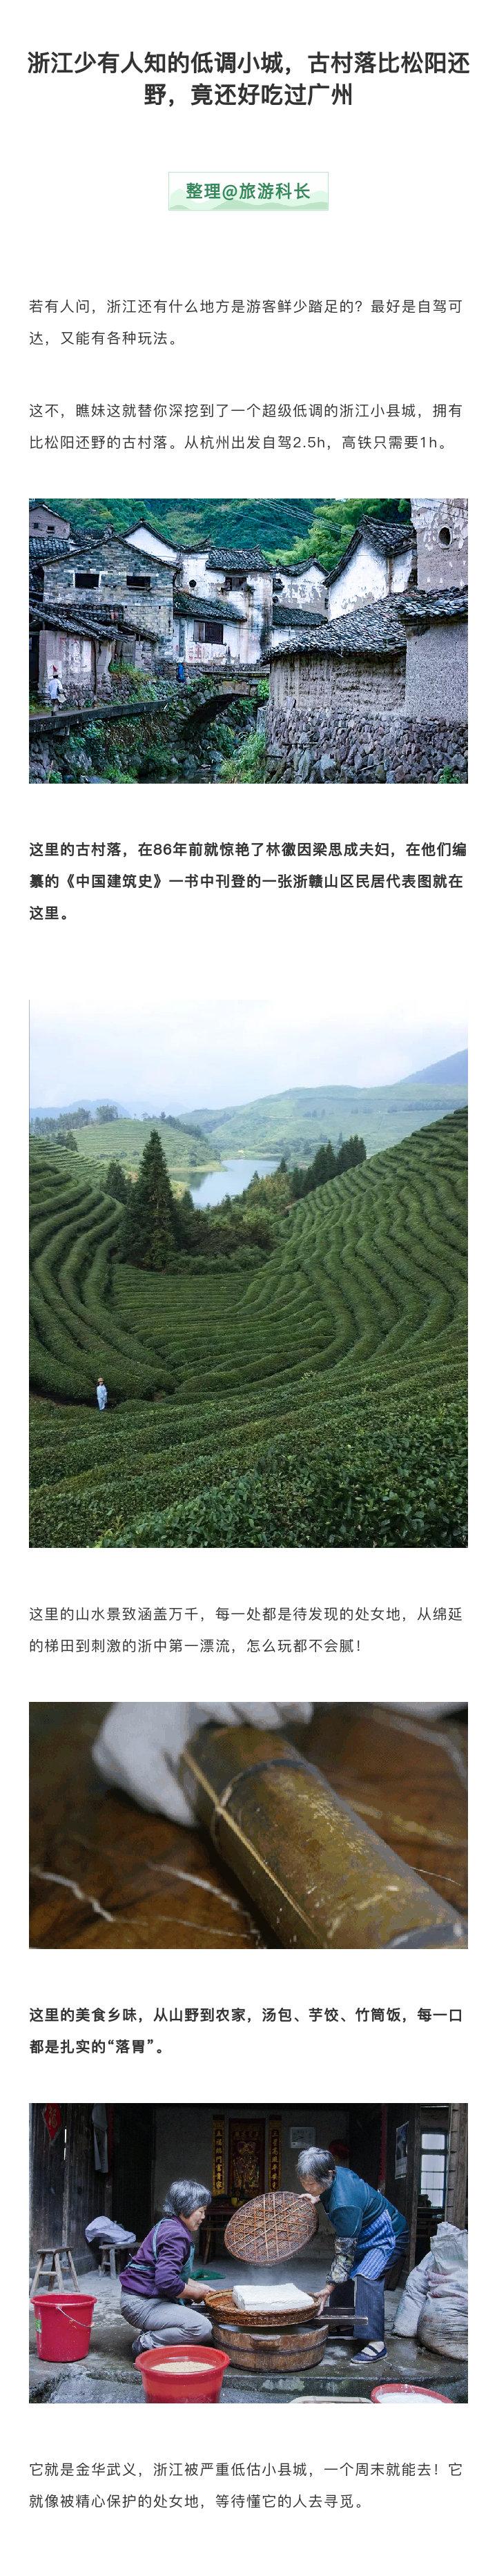 浙江少有人知的低调小城,古村落比松阳还野,竟还好吃过广州